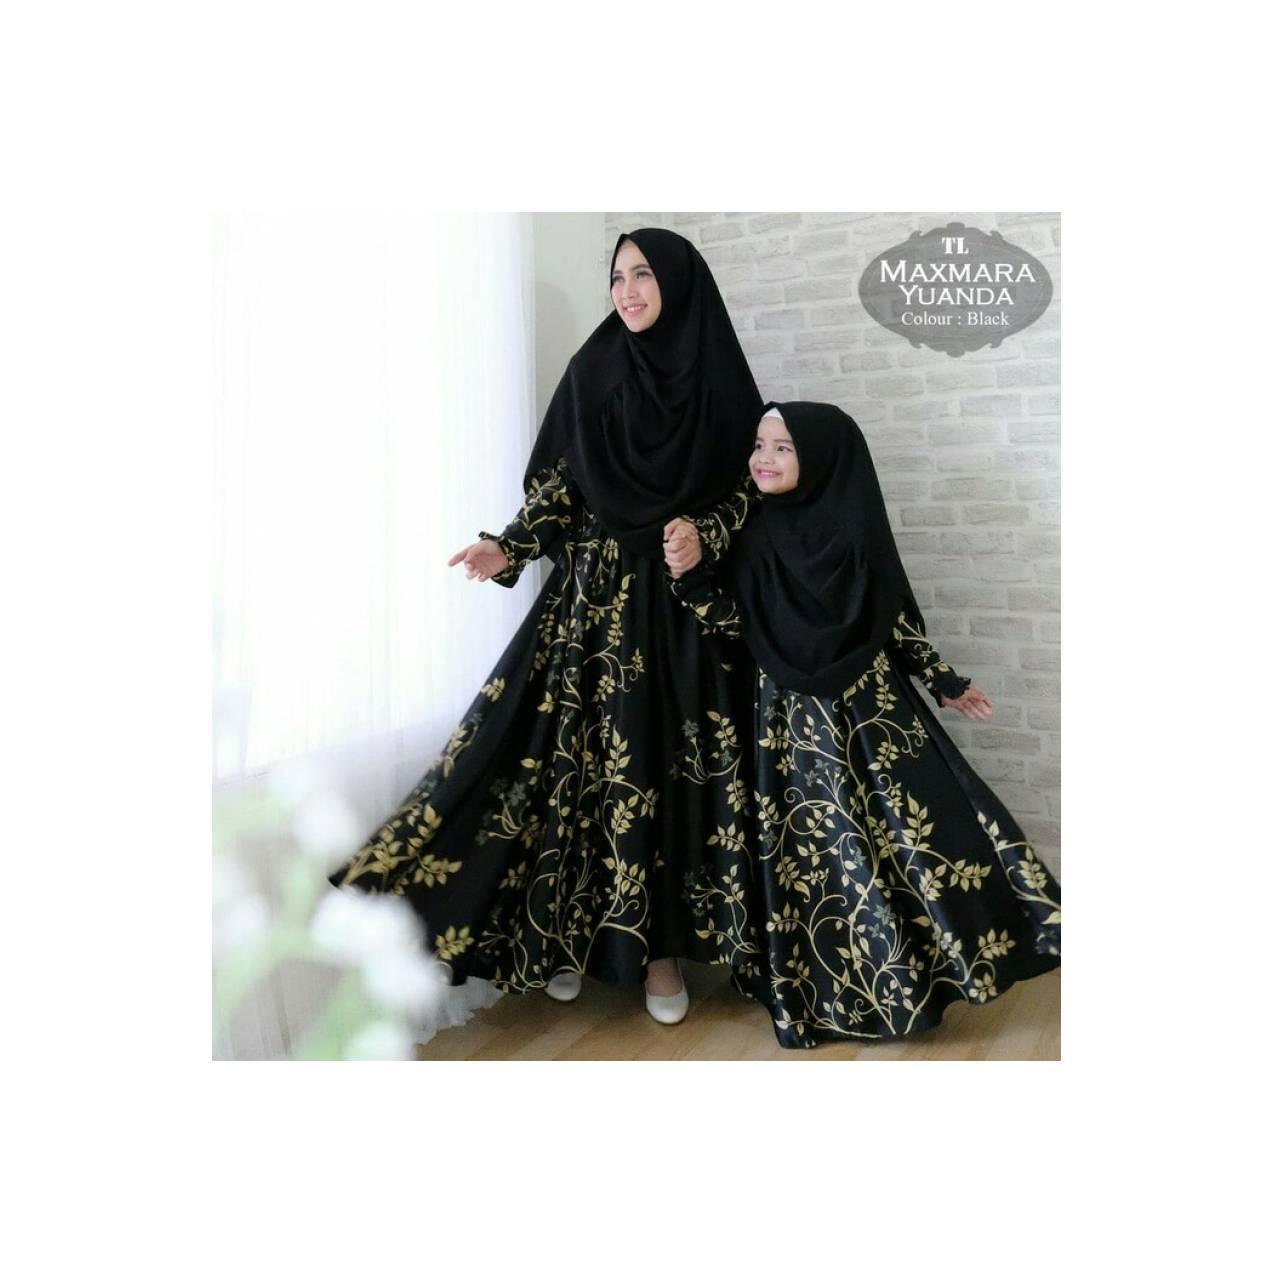 gamis Couple pesta maxmara yuanda murah / baju muslim ibu anak hitam